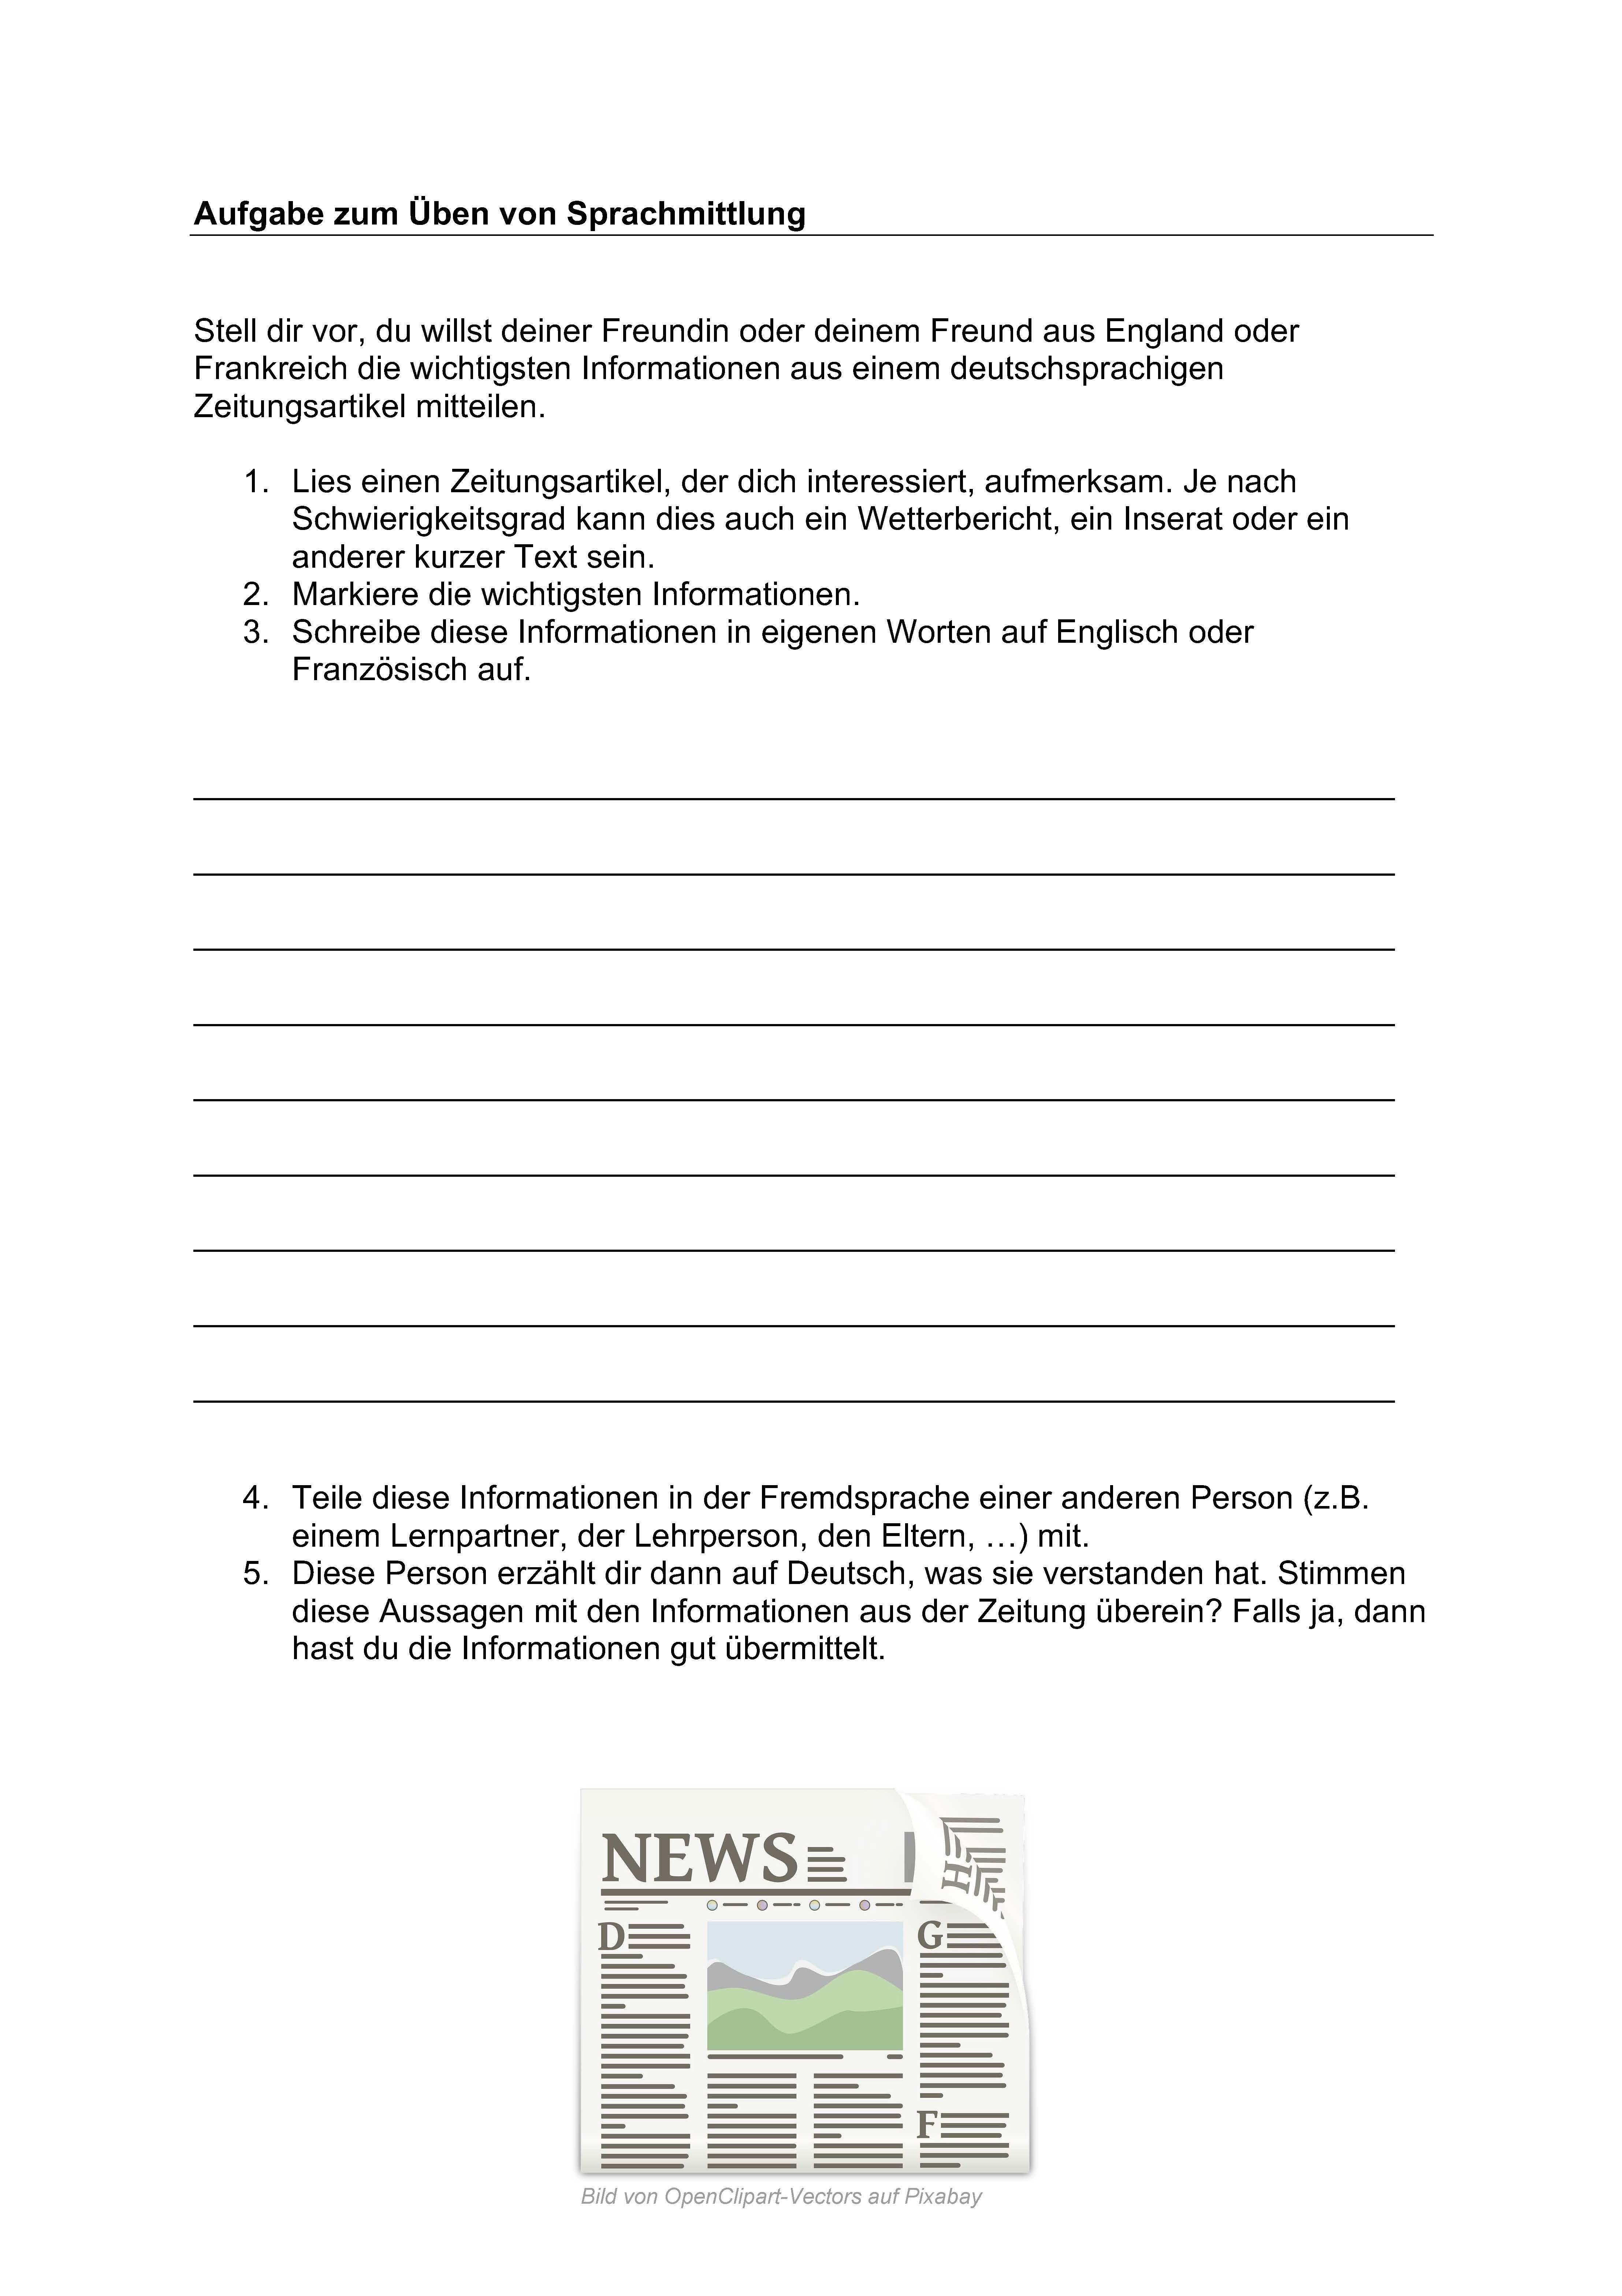 Preview image for LOM object Sprachmittlung / Mediation: Aufgabe mit Zeitungsartikel